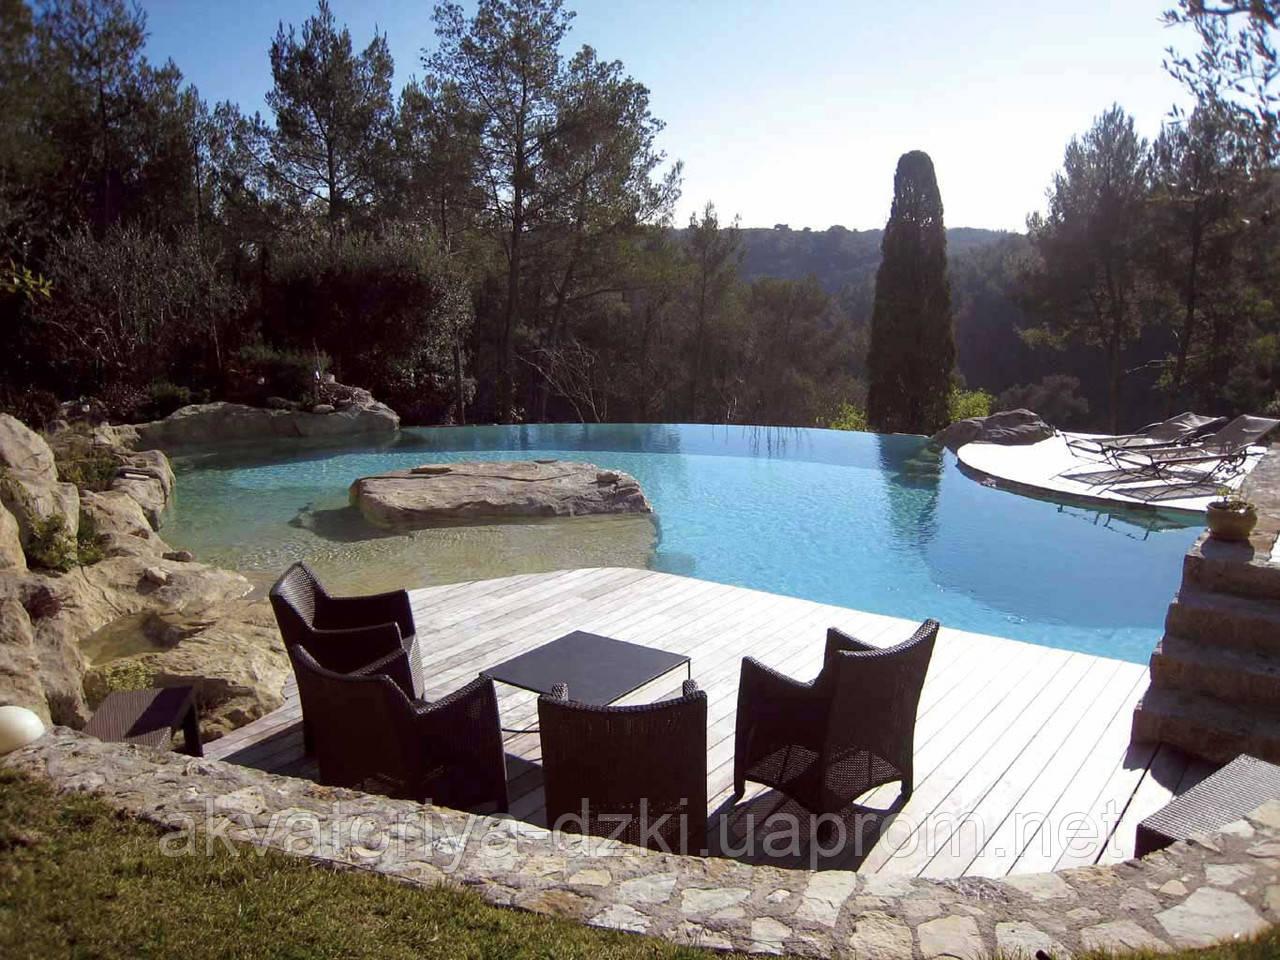 Будівництво басейну: Мозаїка і композитний басейн